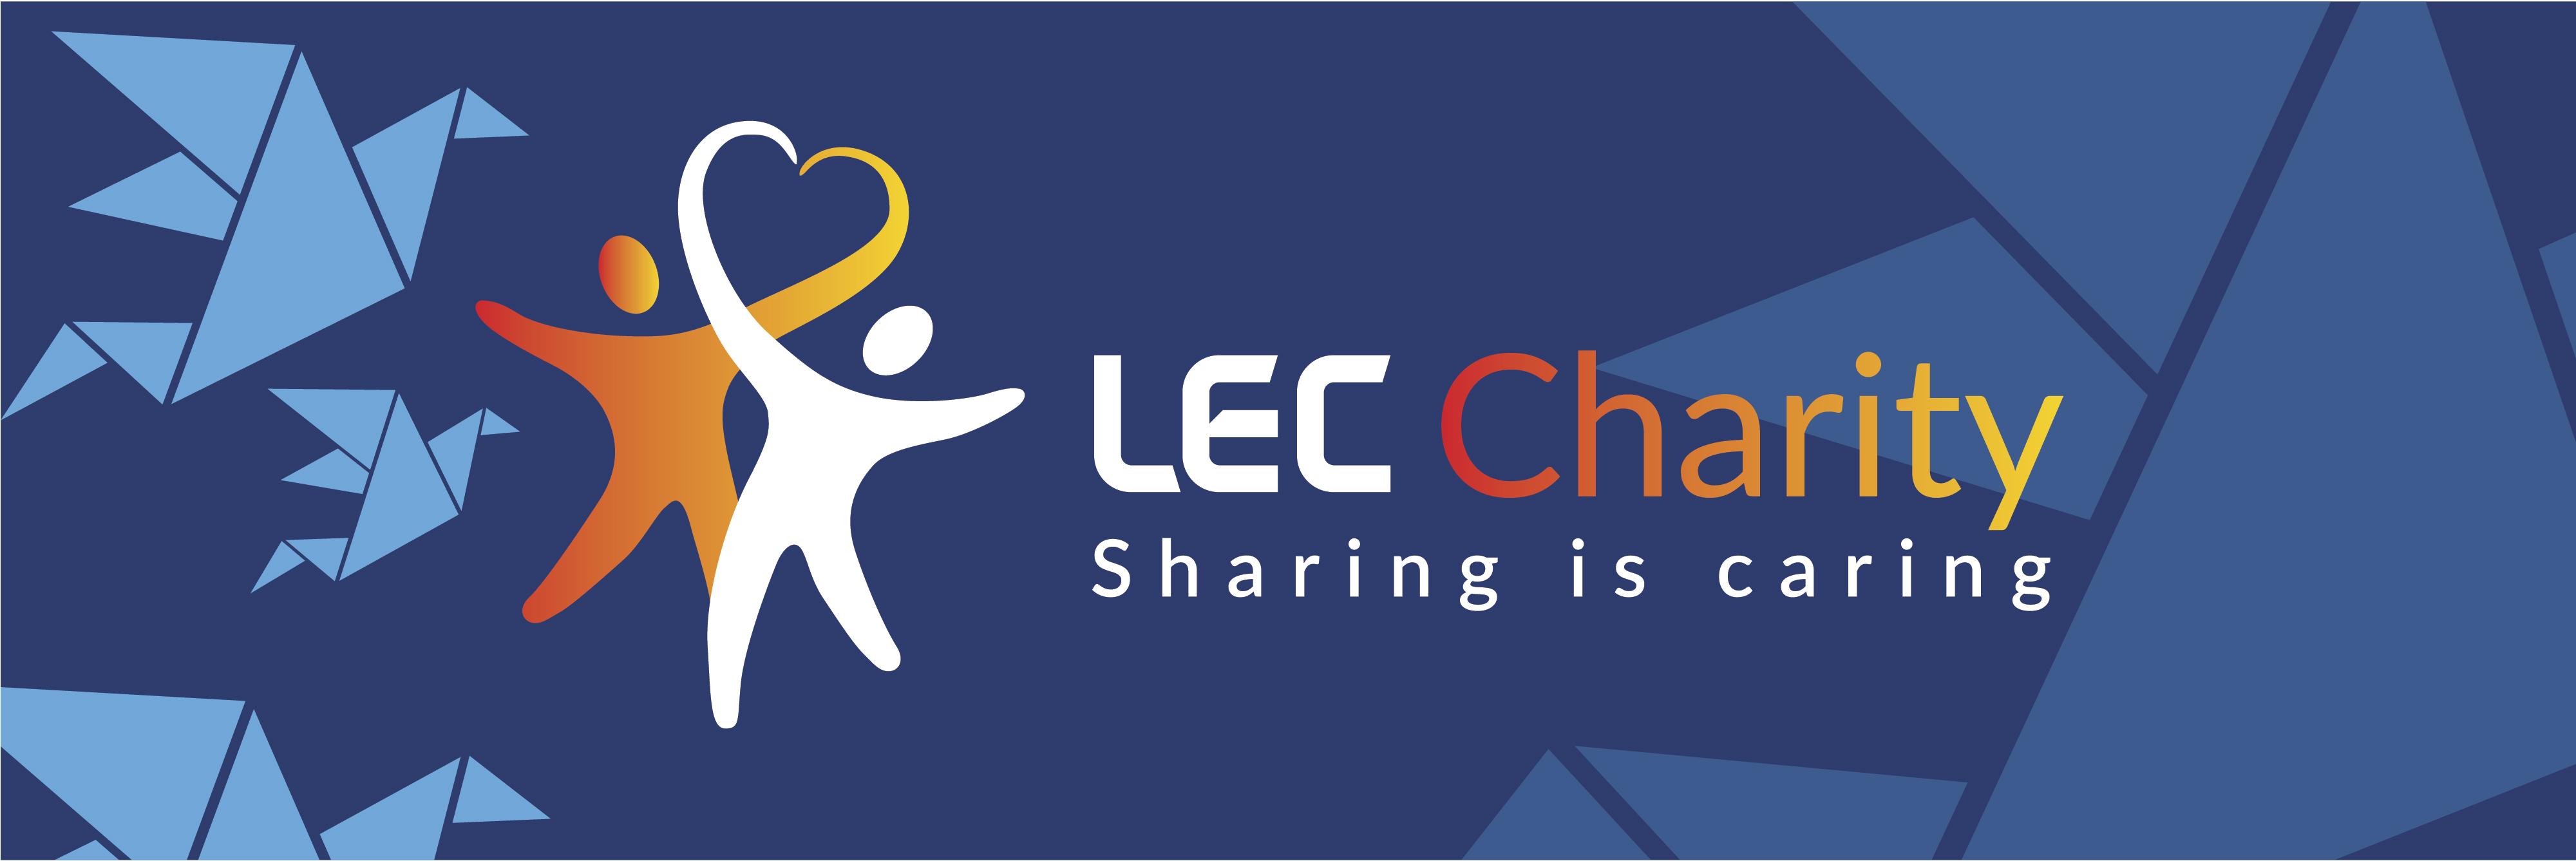 LEC CHARITY - Kỷ niệm 1 năm thành lập 12.12.2019 - 12.12.2020